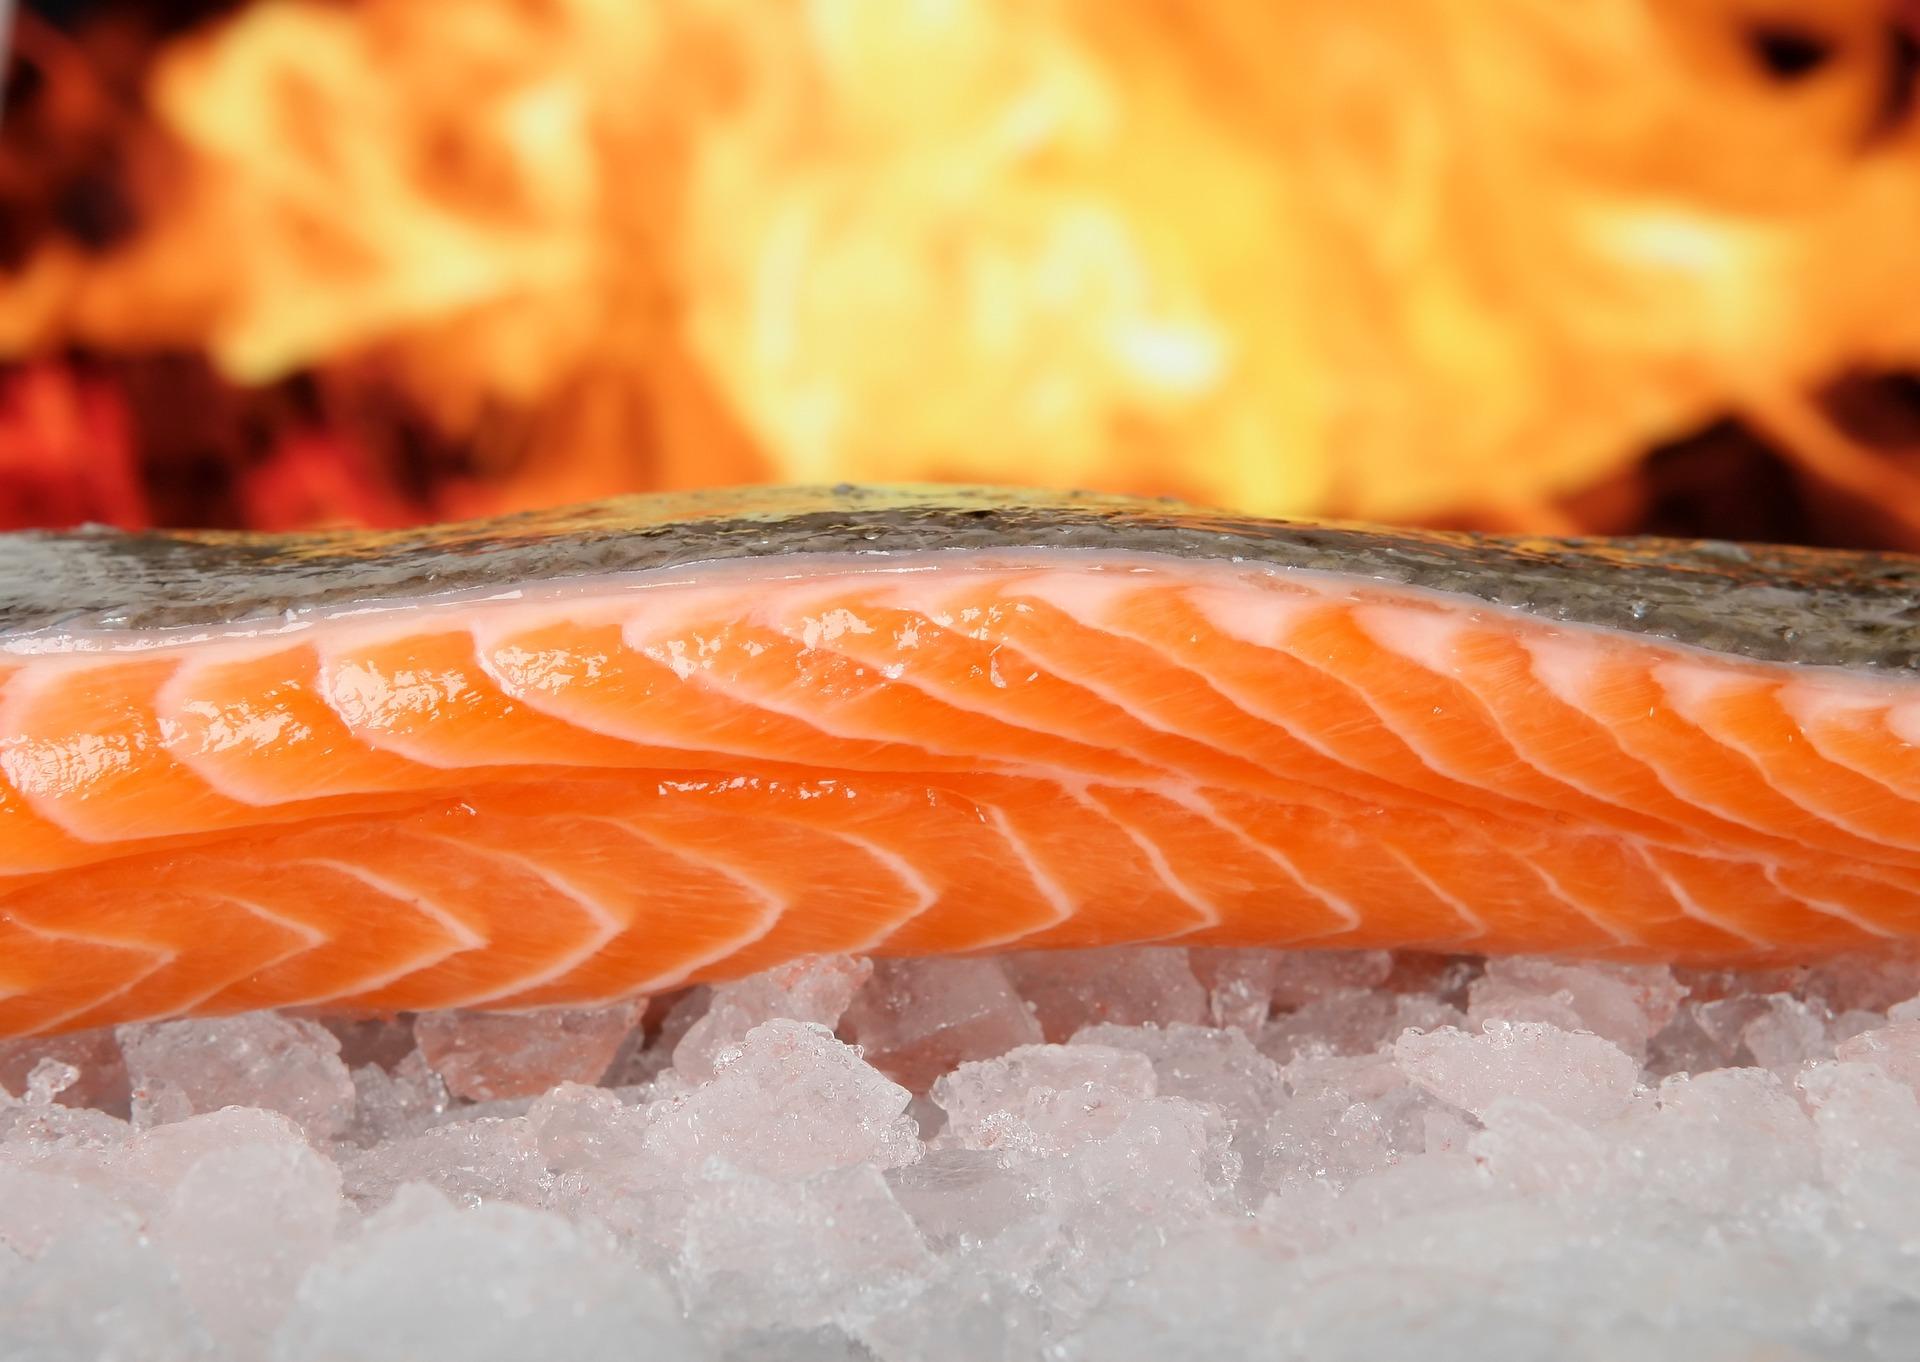 salmon-1238662_1920